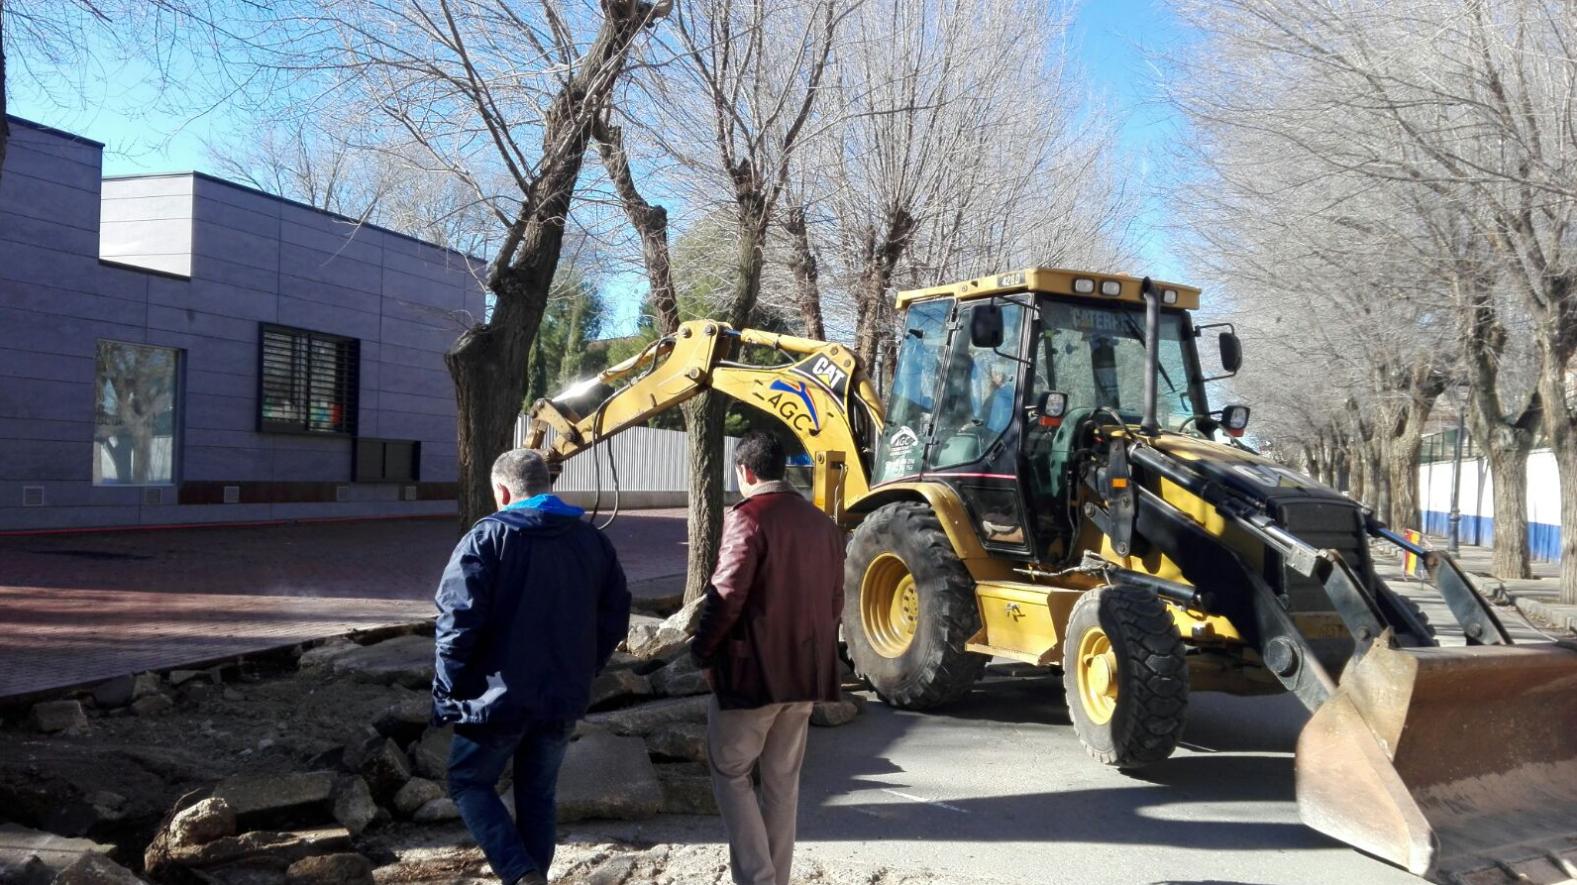 obras en avenida tierno galvan 1 - Siguen las obras para mejorar la accesibilidad en la Avenida Tierno Galván